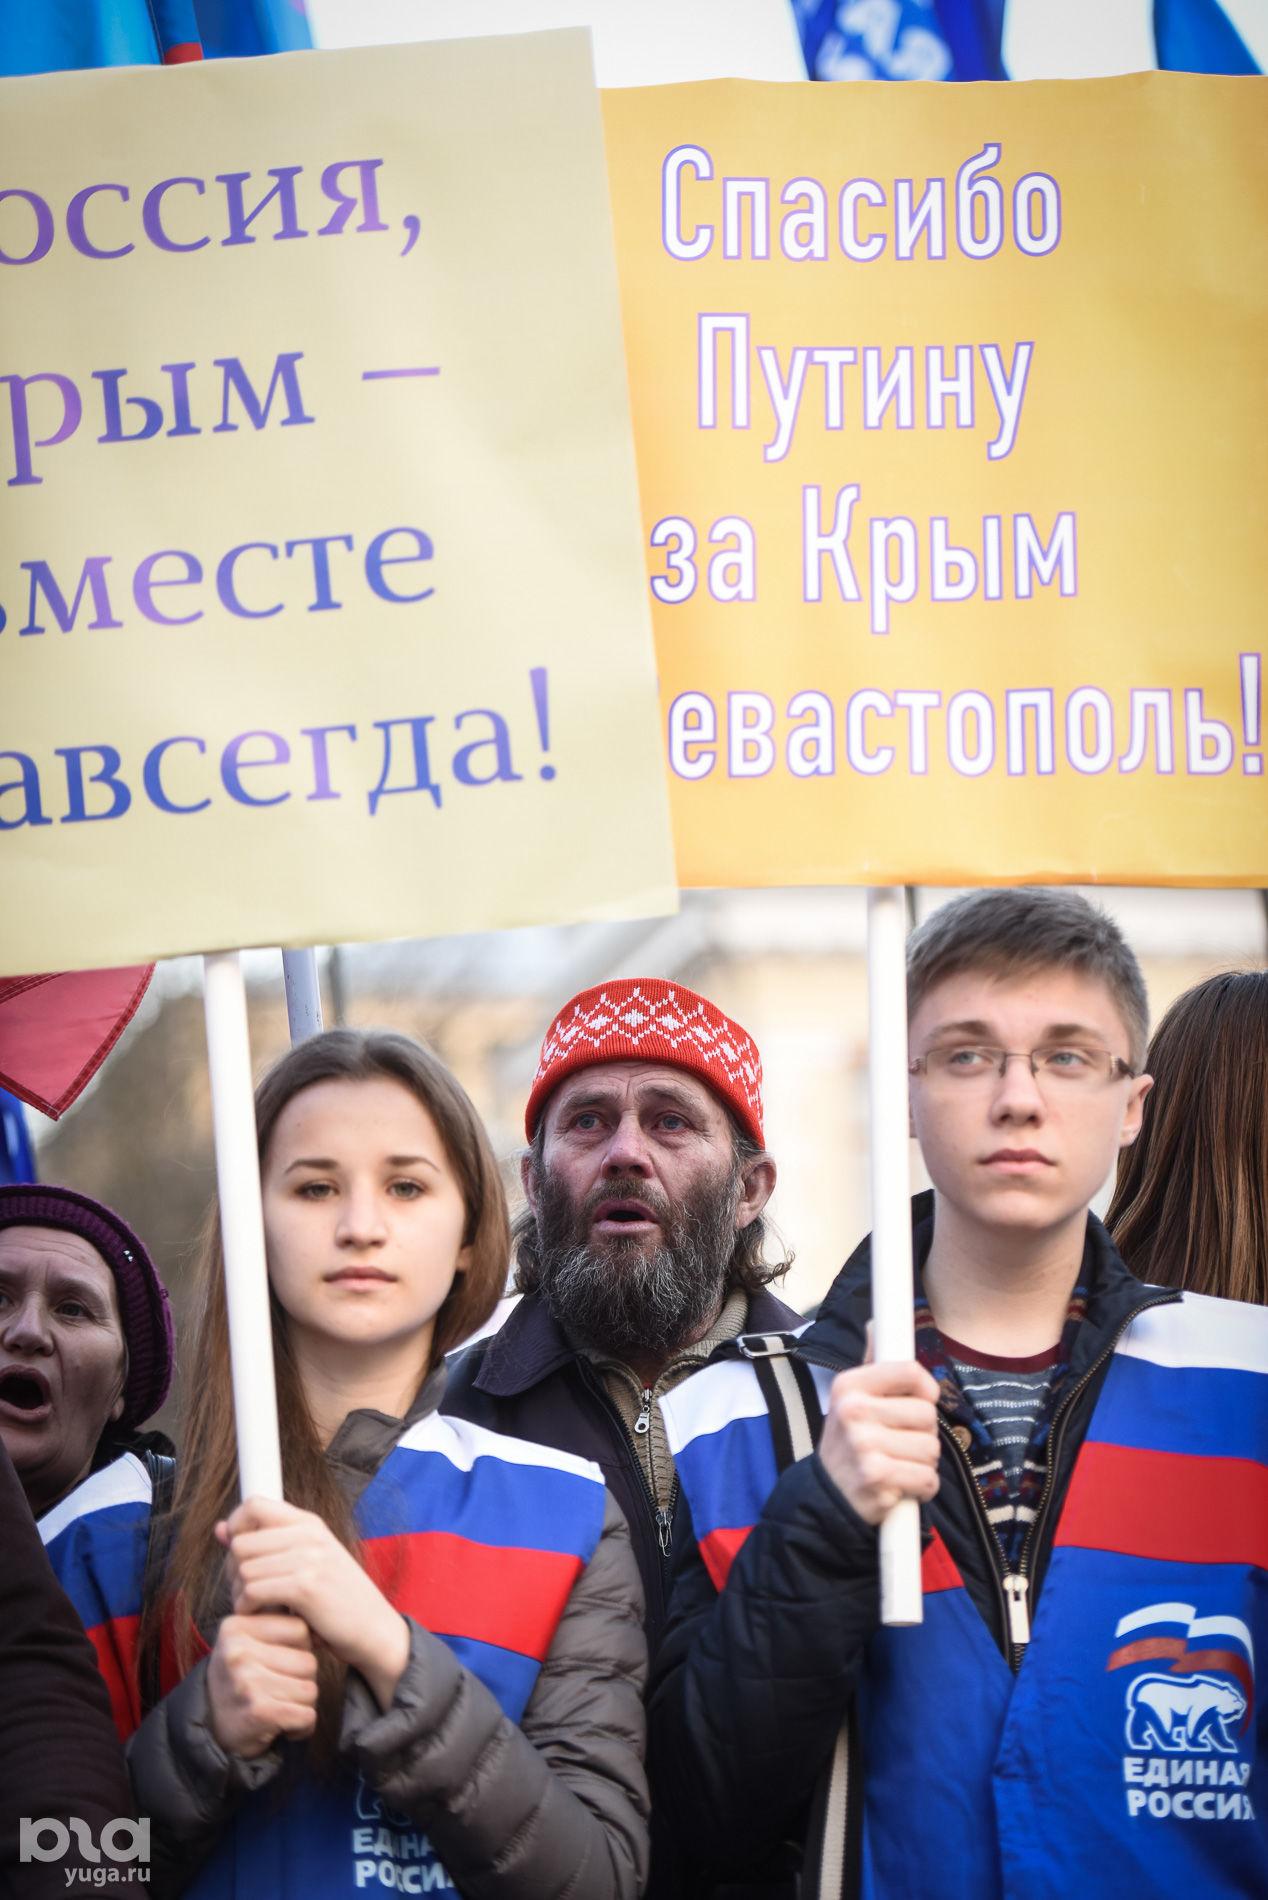 стиль для присоединение крыма к россии поздравление как она рождает